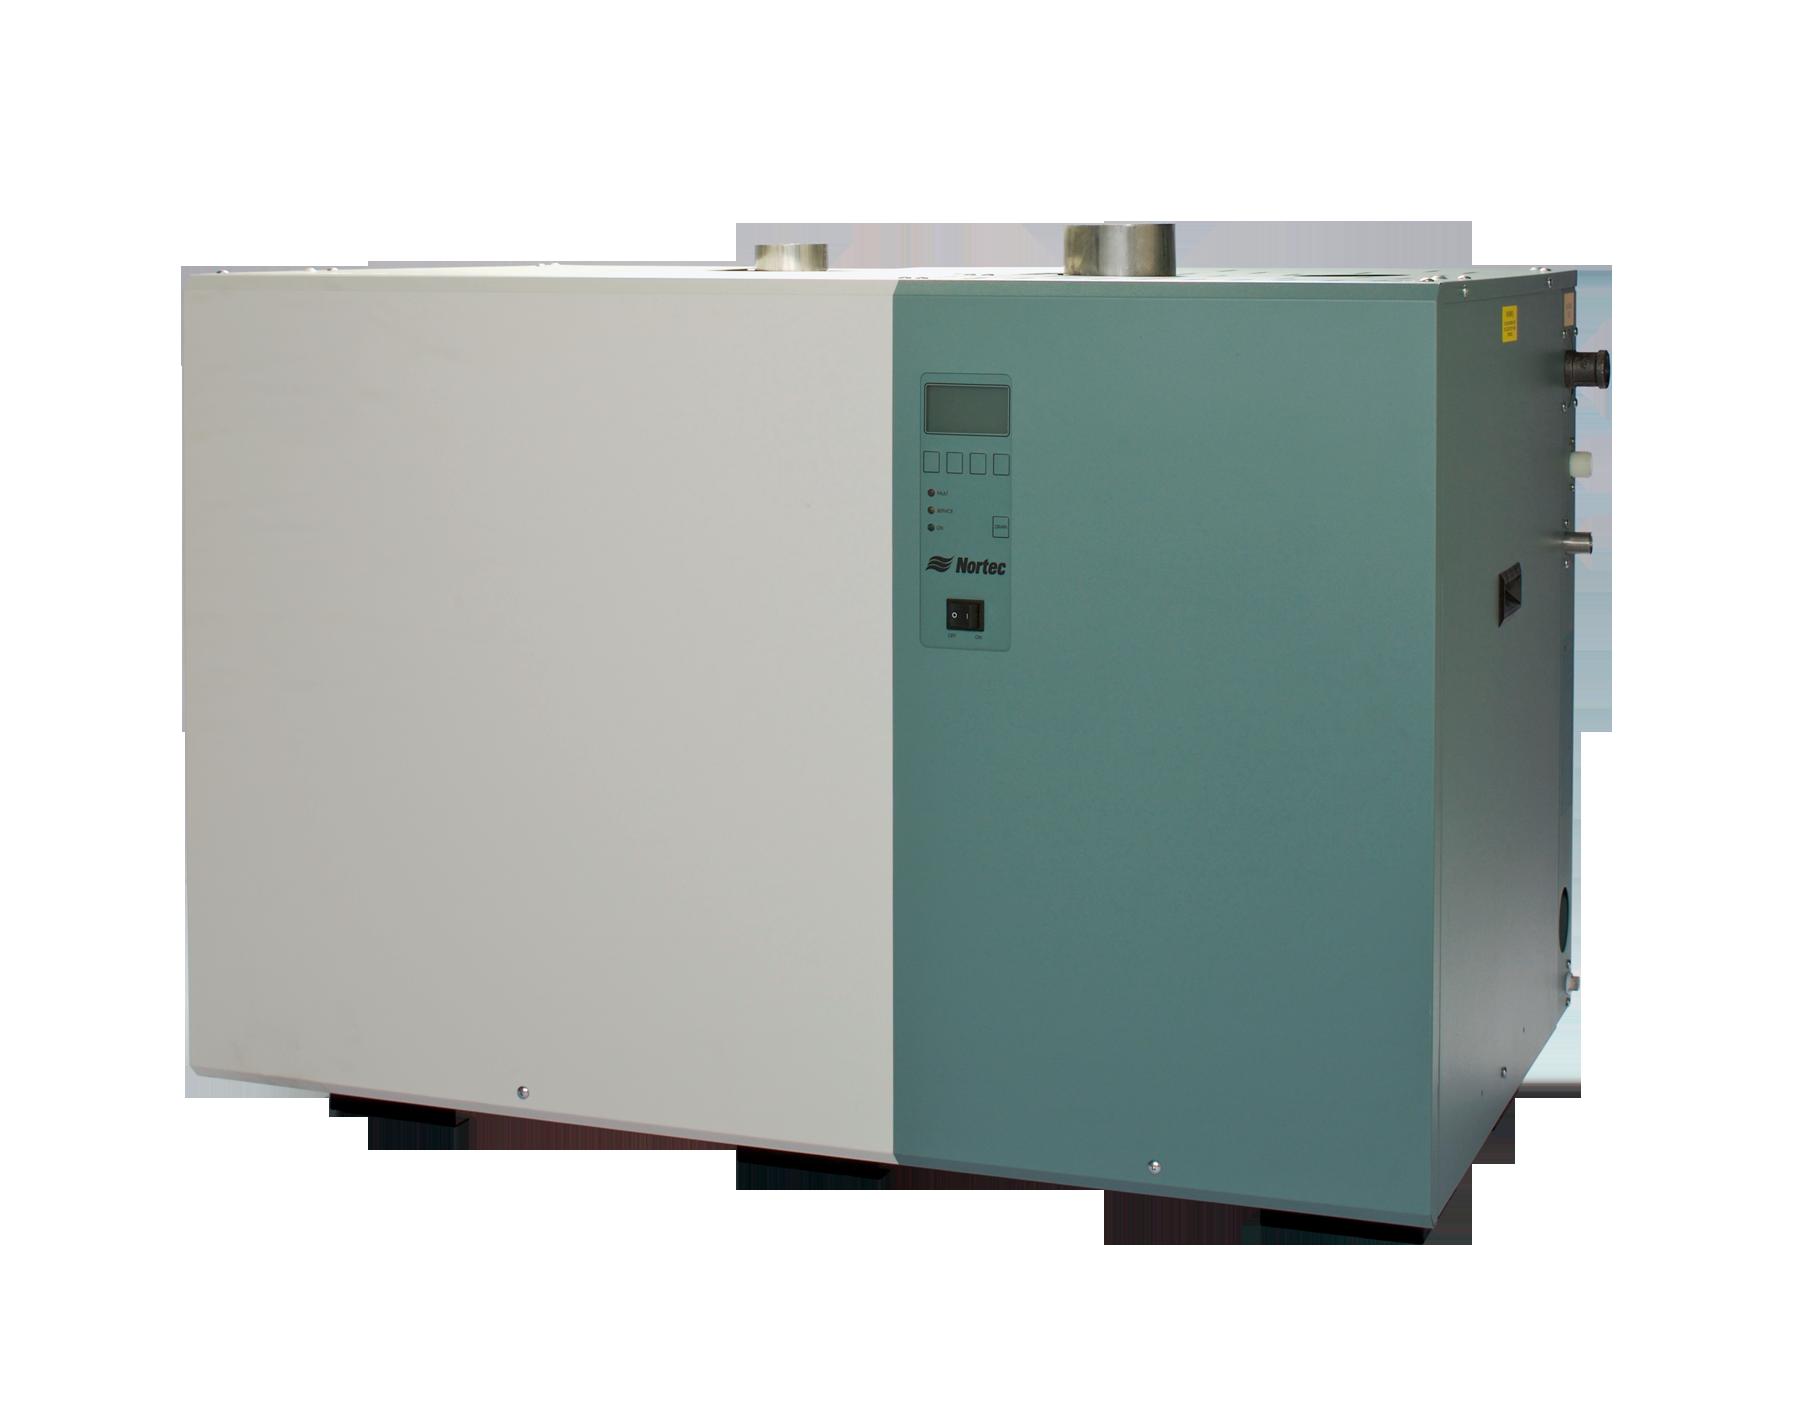 Nortec Gas Humidifier